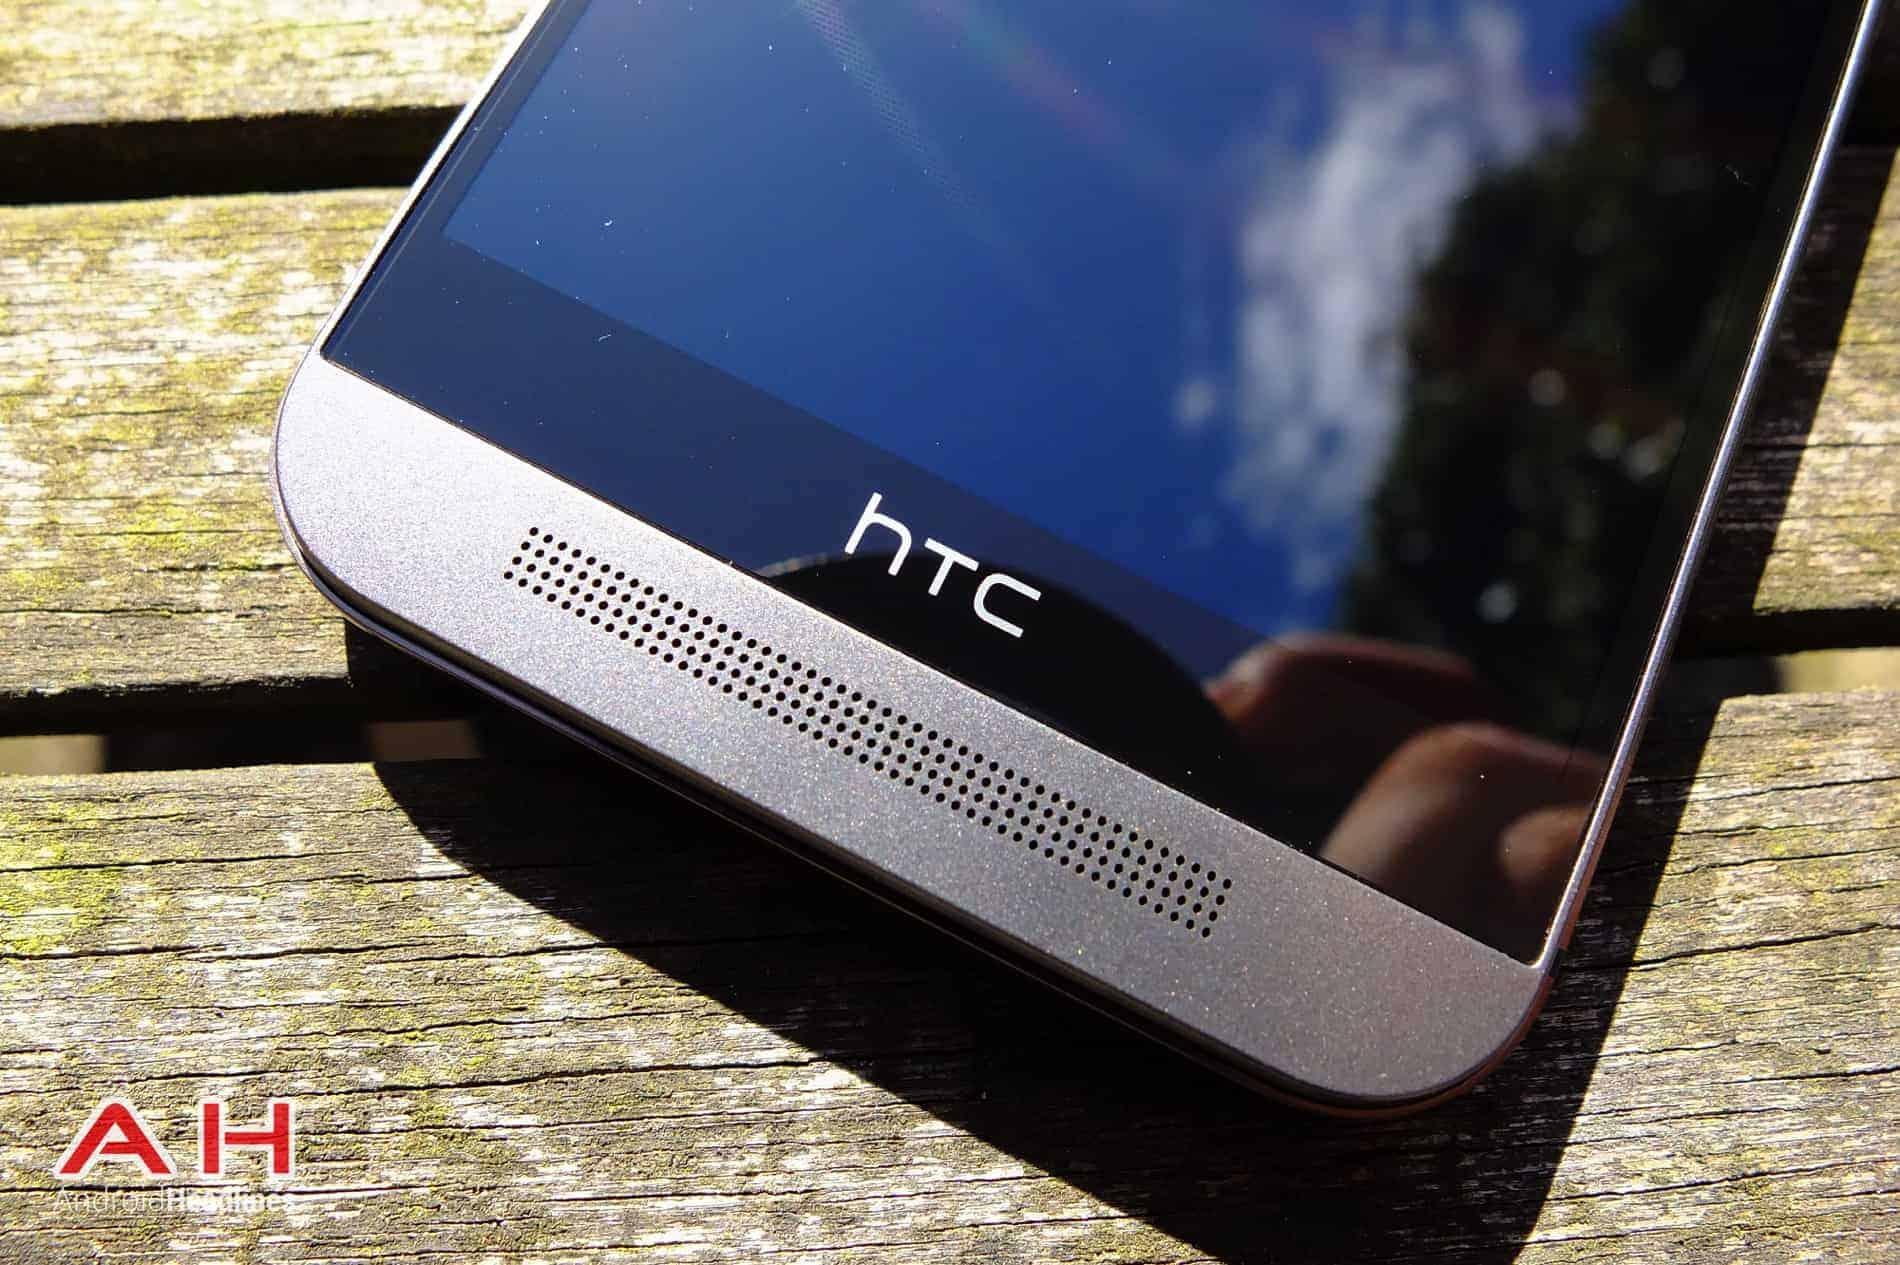 HTC One M9 TD AH 03